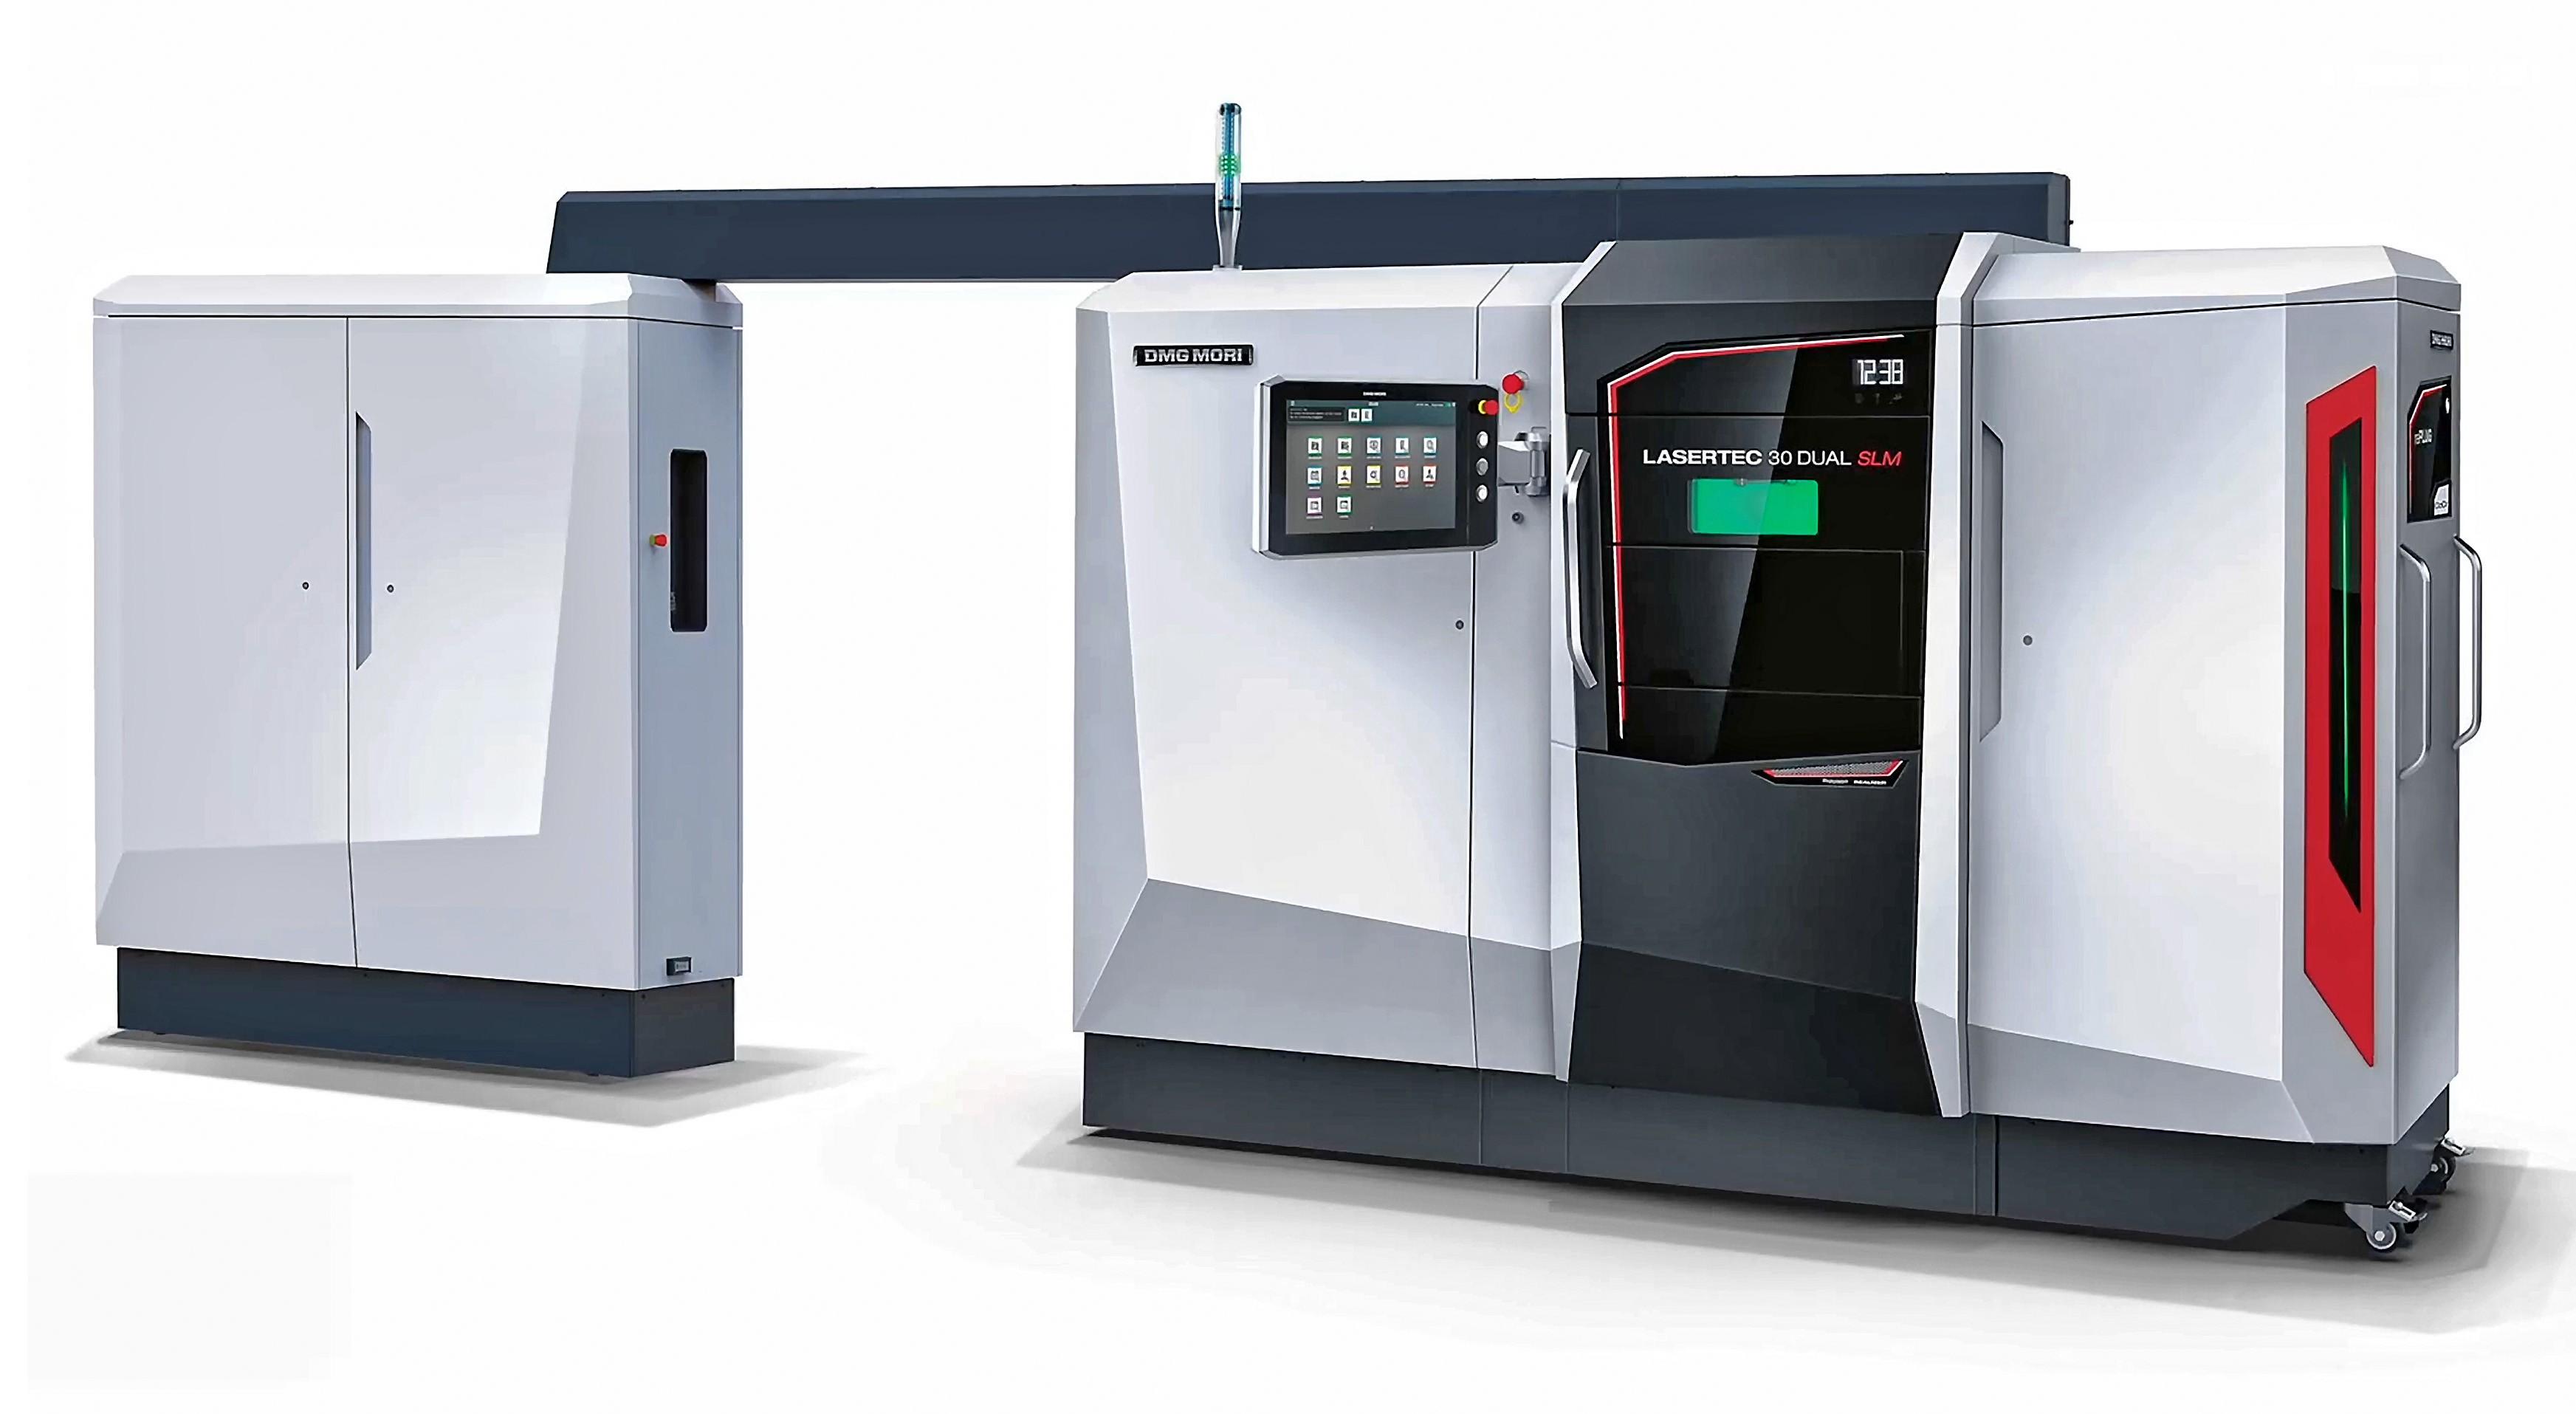 机床制造商DMG德玛吉推出双激光SLM 金属3D打印机